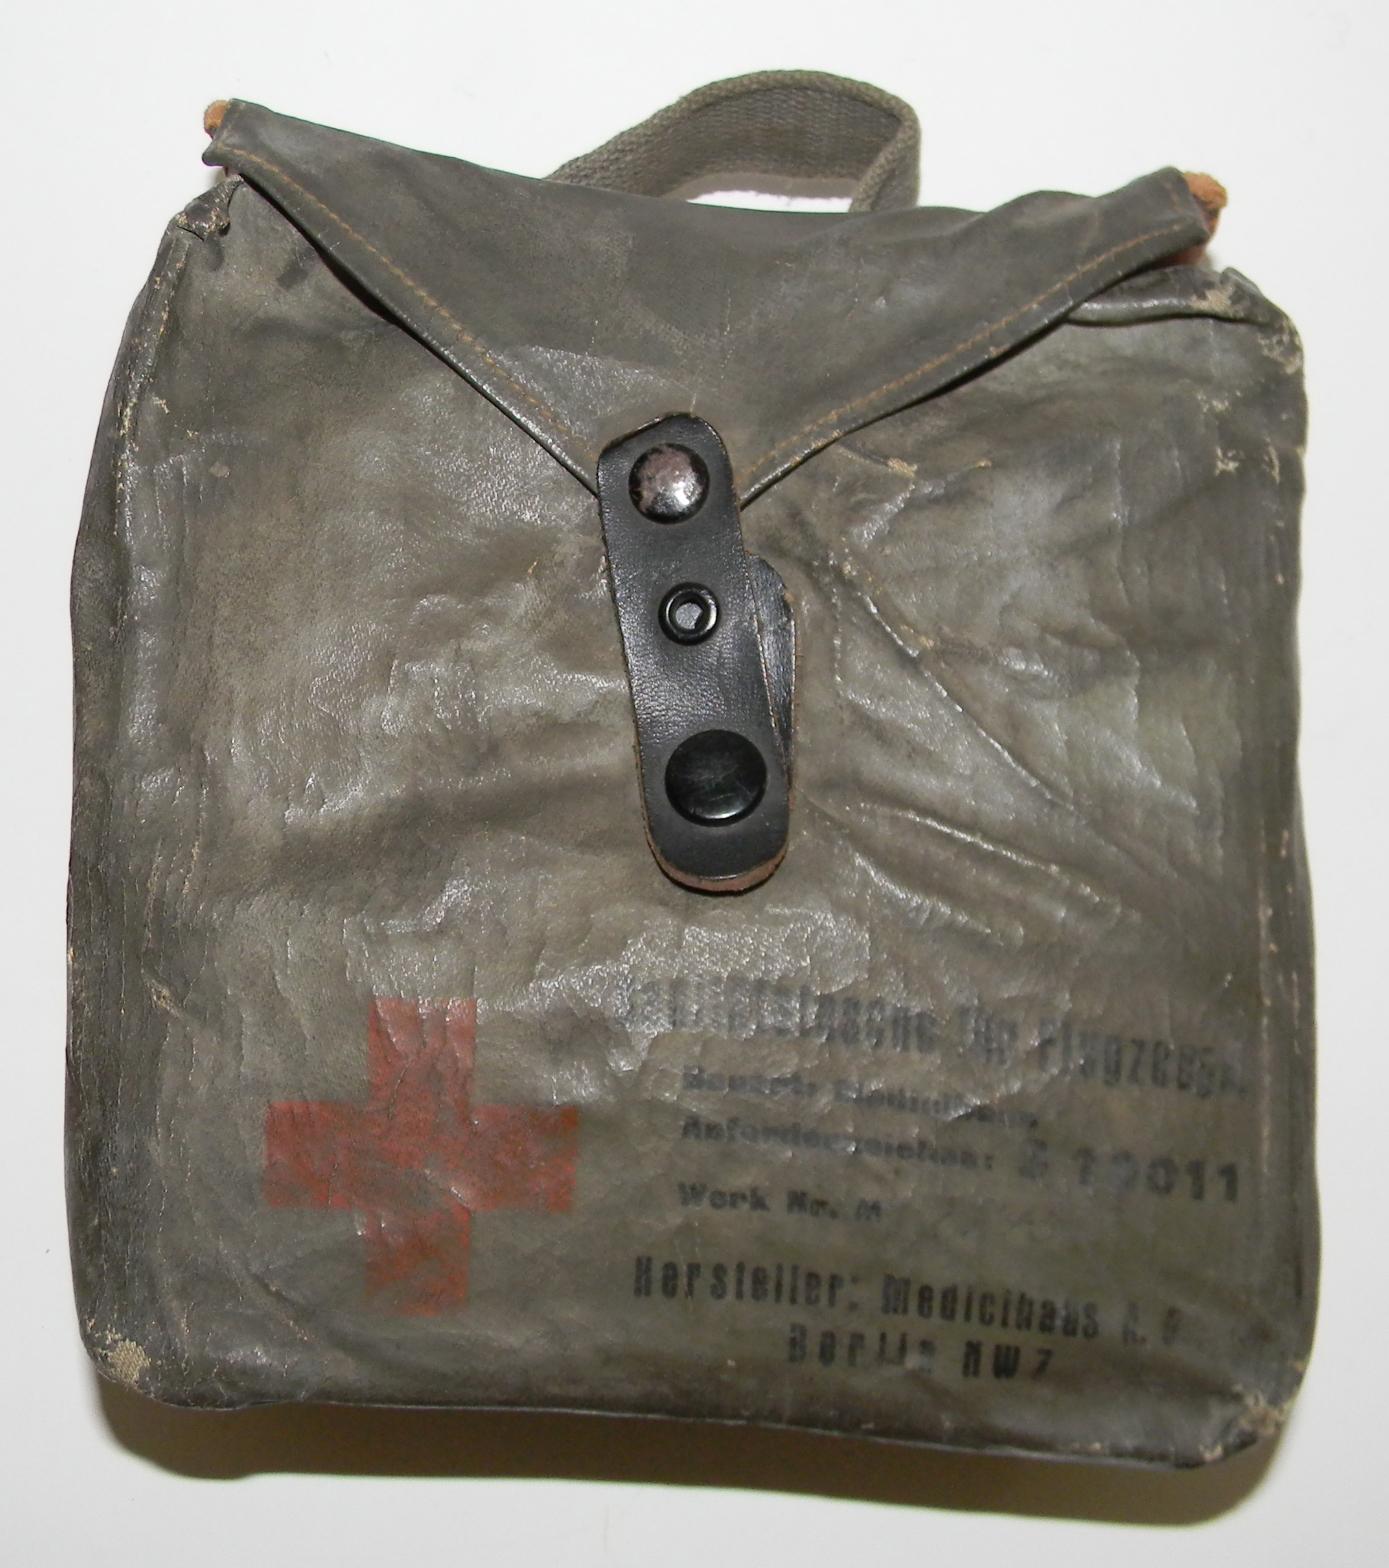 Luftwaffe First Aid Kit